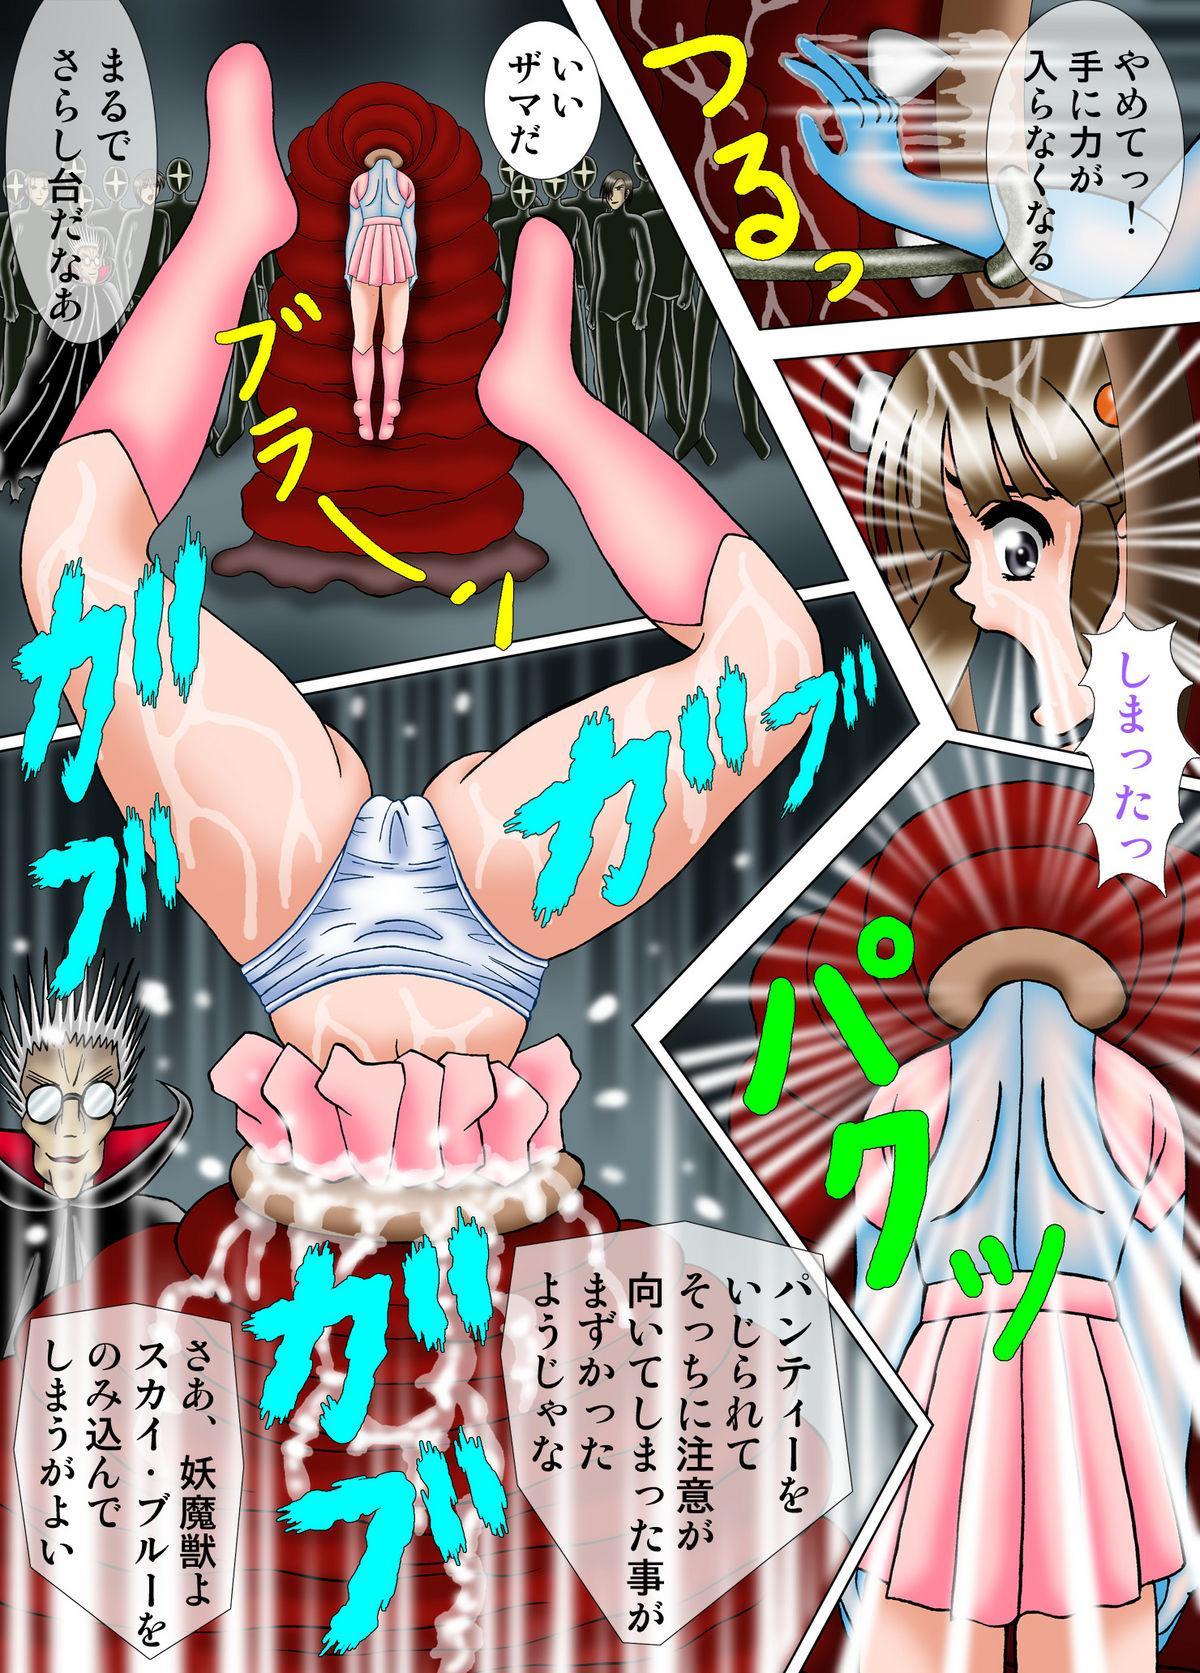 Kiyoshi Onna Sentai Buru Mariasu 6 8